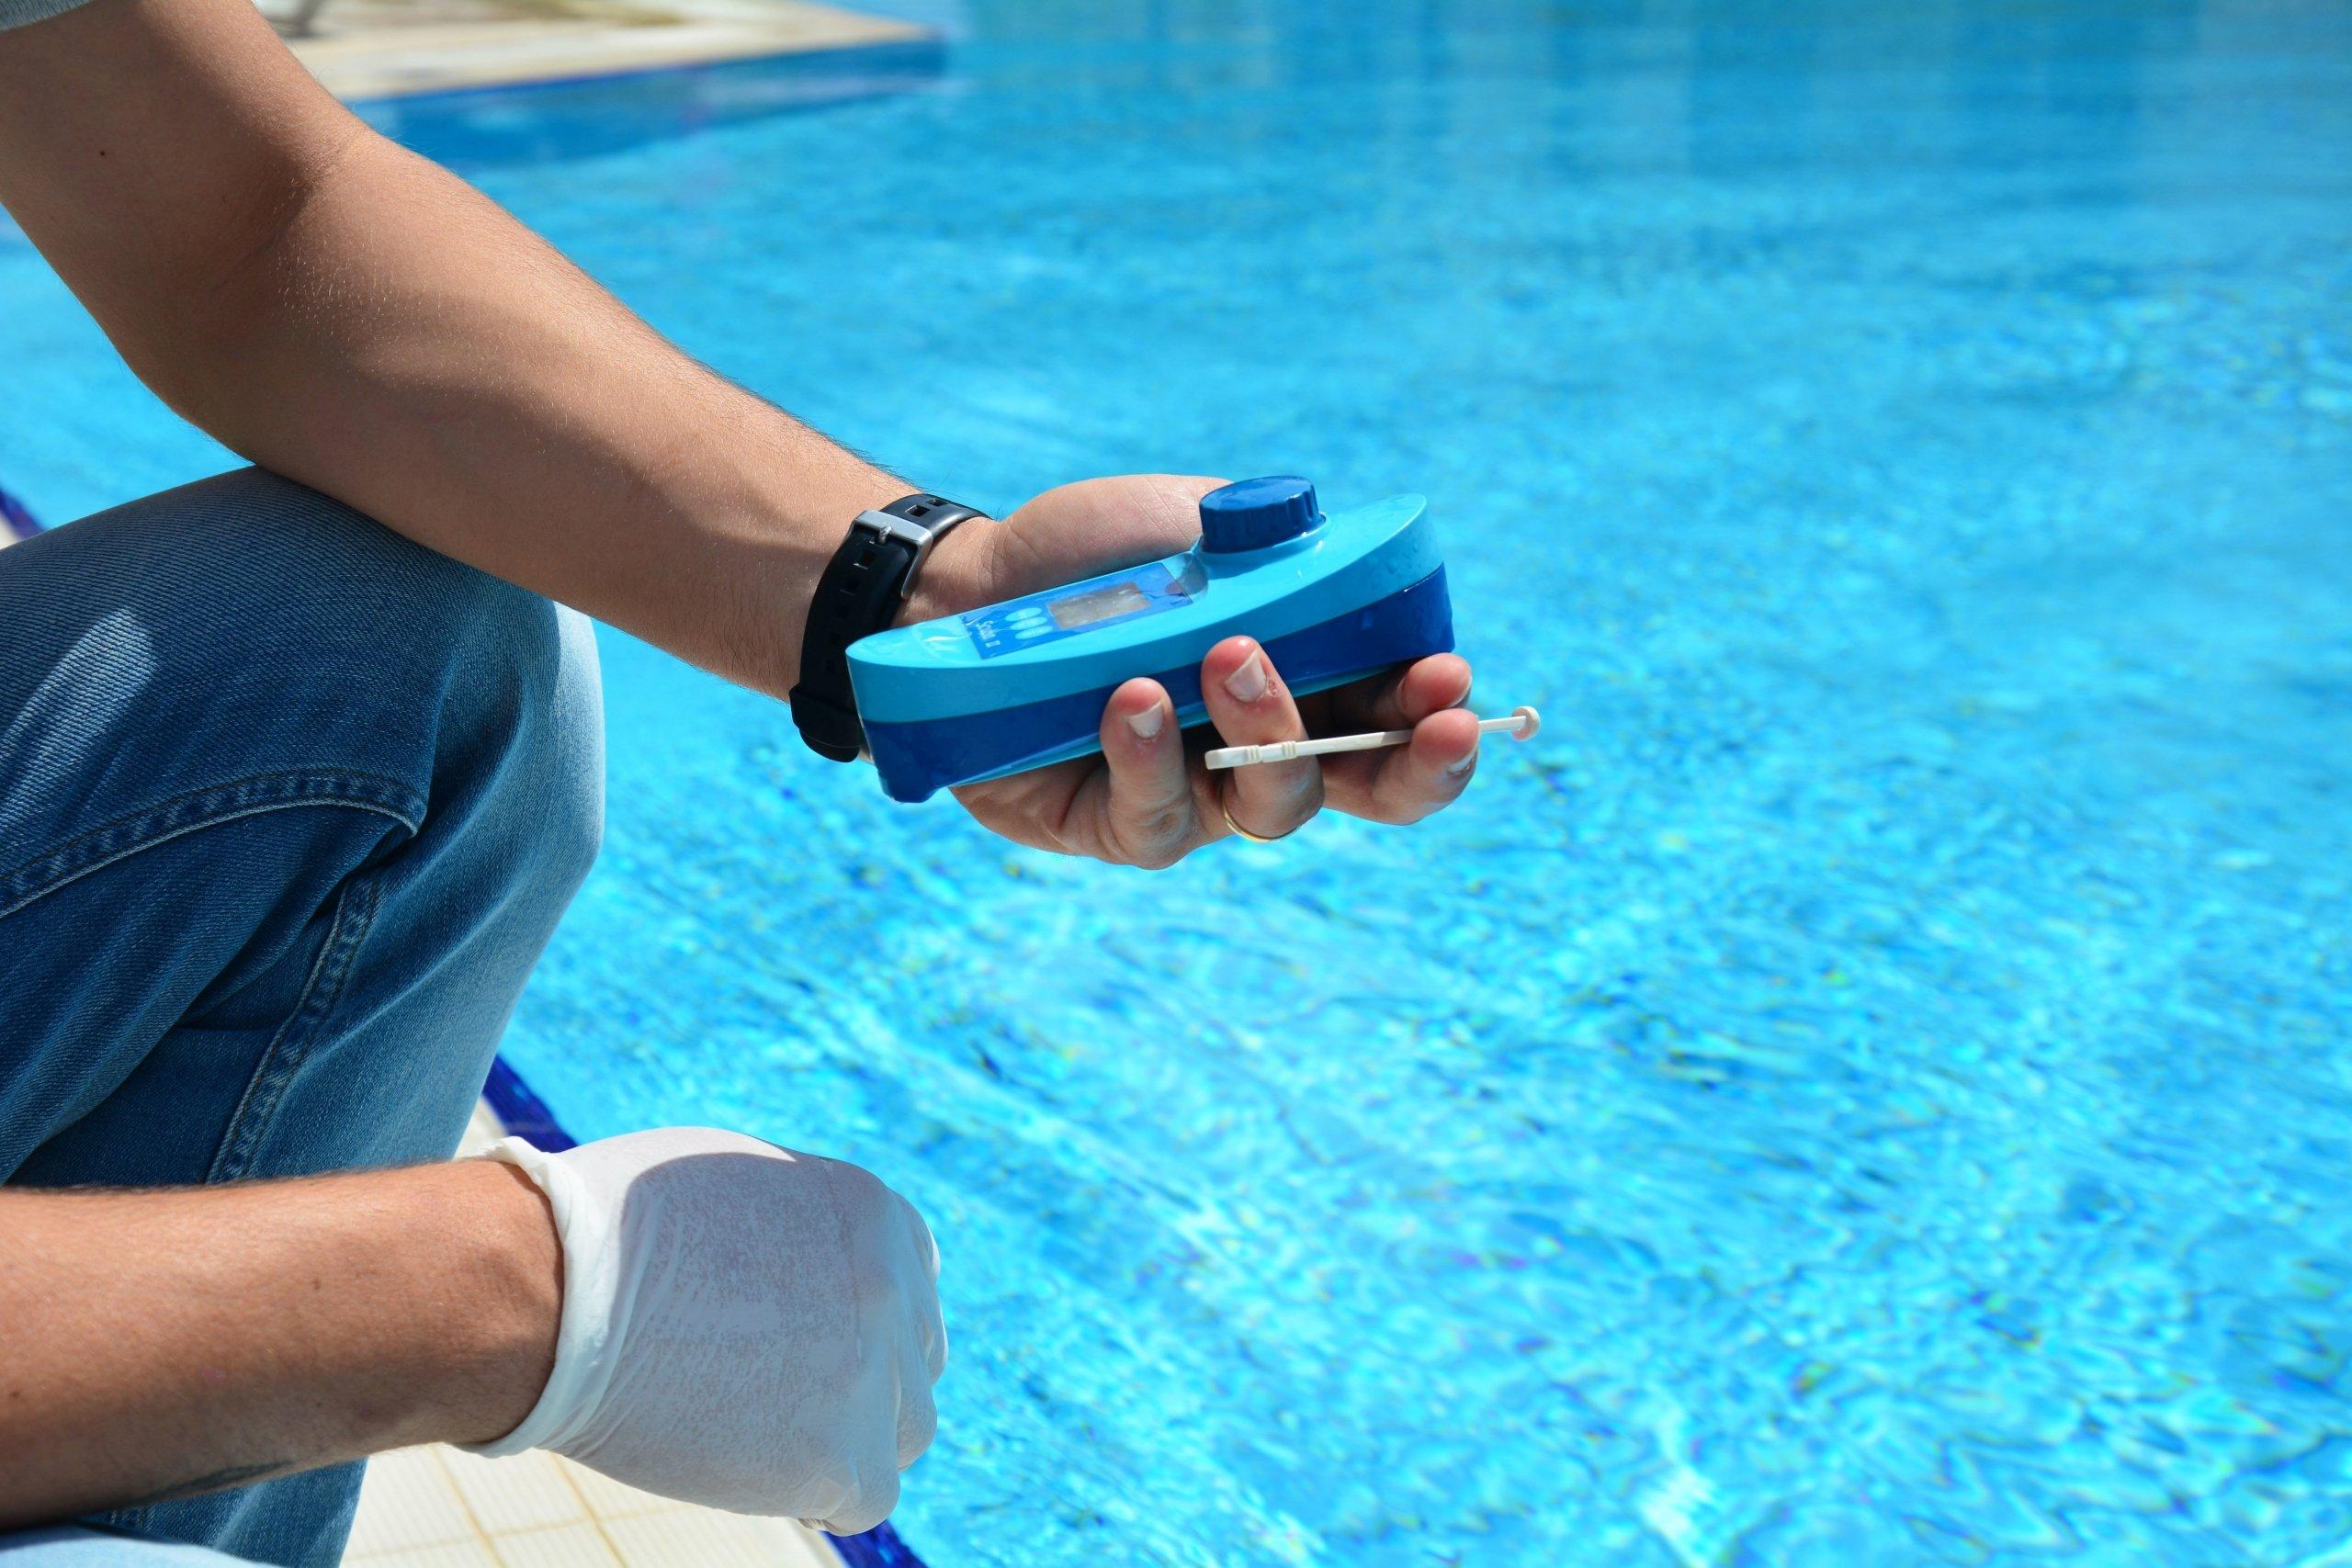 Hoe meet ik de waarden van mijn zwembad op een goede manier?